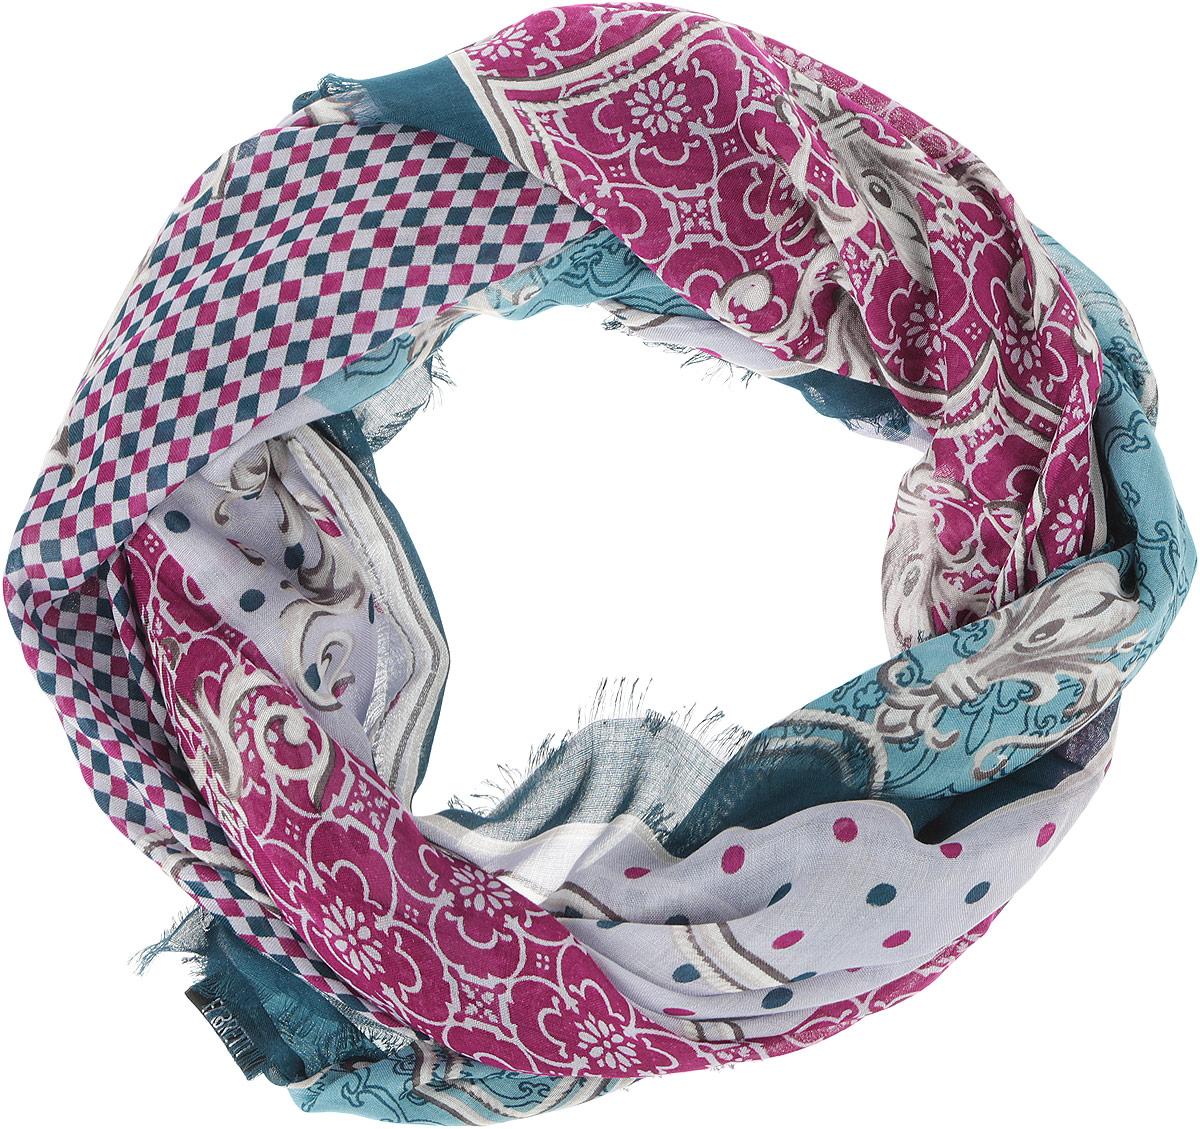 ПлатокDS2015-003-11Стильный женский платок Fabretti станет великолепным завершением любого наряда. Платок изготовлен из высококачественного модала с добавлением вискозы и оформлен принтом в мелкую клетку с цветочными орнаментами. Классическая квадратная форма позволяет носить платок на шее, украшать им прическу или декорировать сумочку. Мягкий и шелковистый платок поможет вам создать изысканный женственный образ, а также согреет в непогоду. Такой платок превосходно дополнит любой наряд и подчеркнет ваш неповторимый вкус и элегантность.